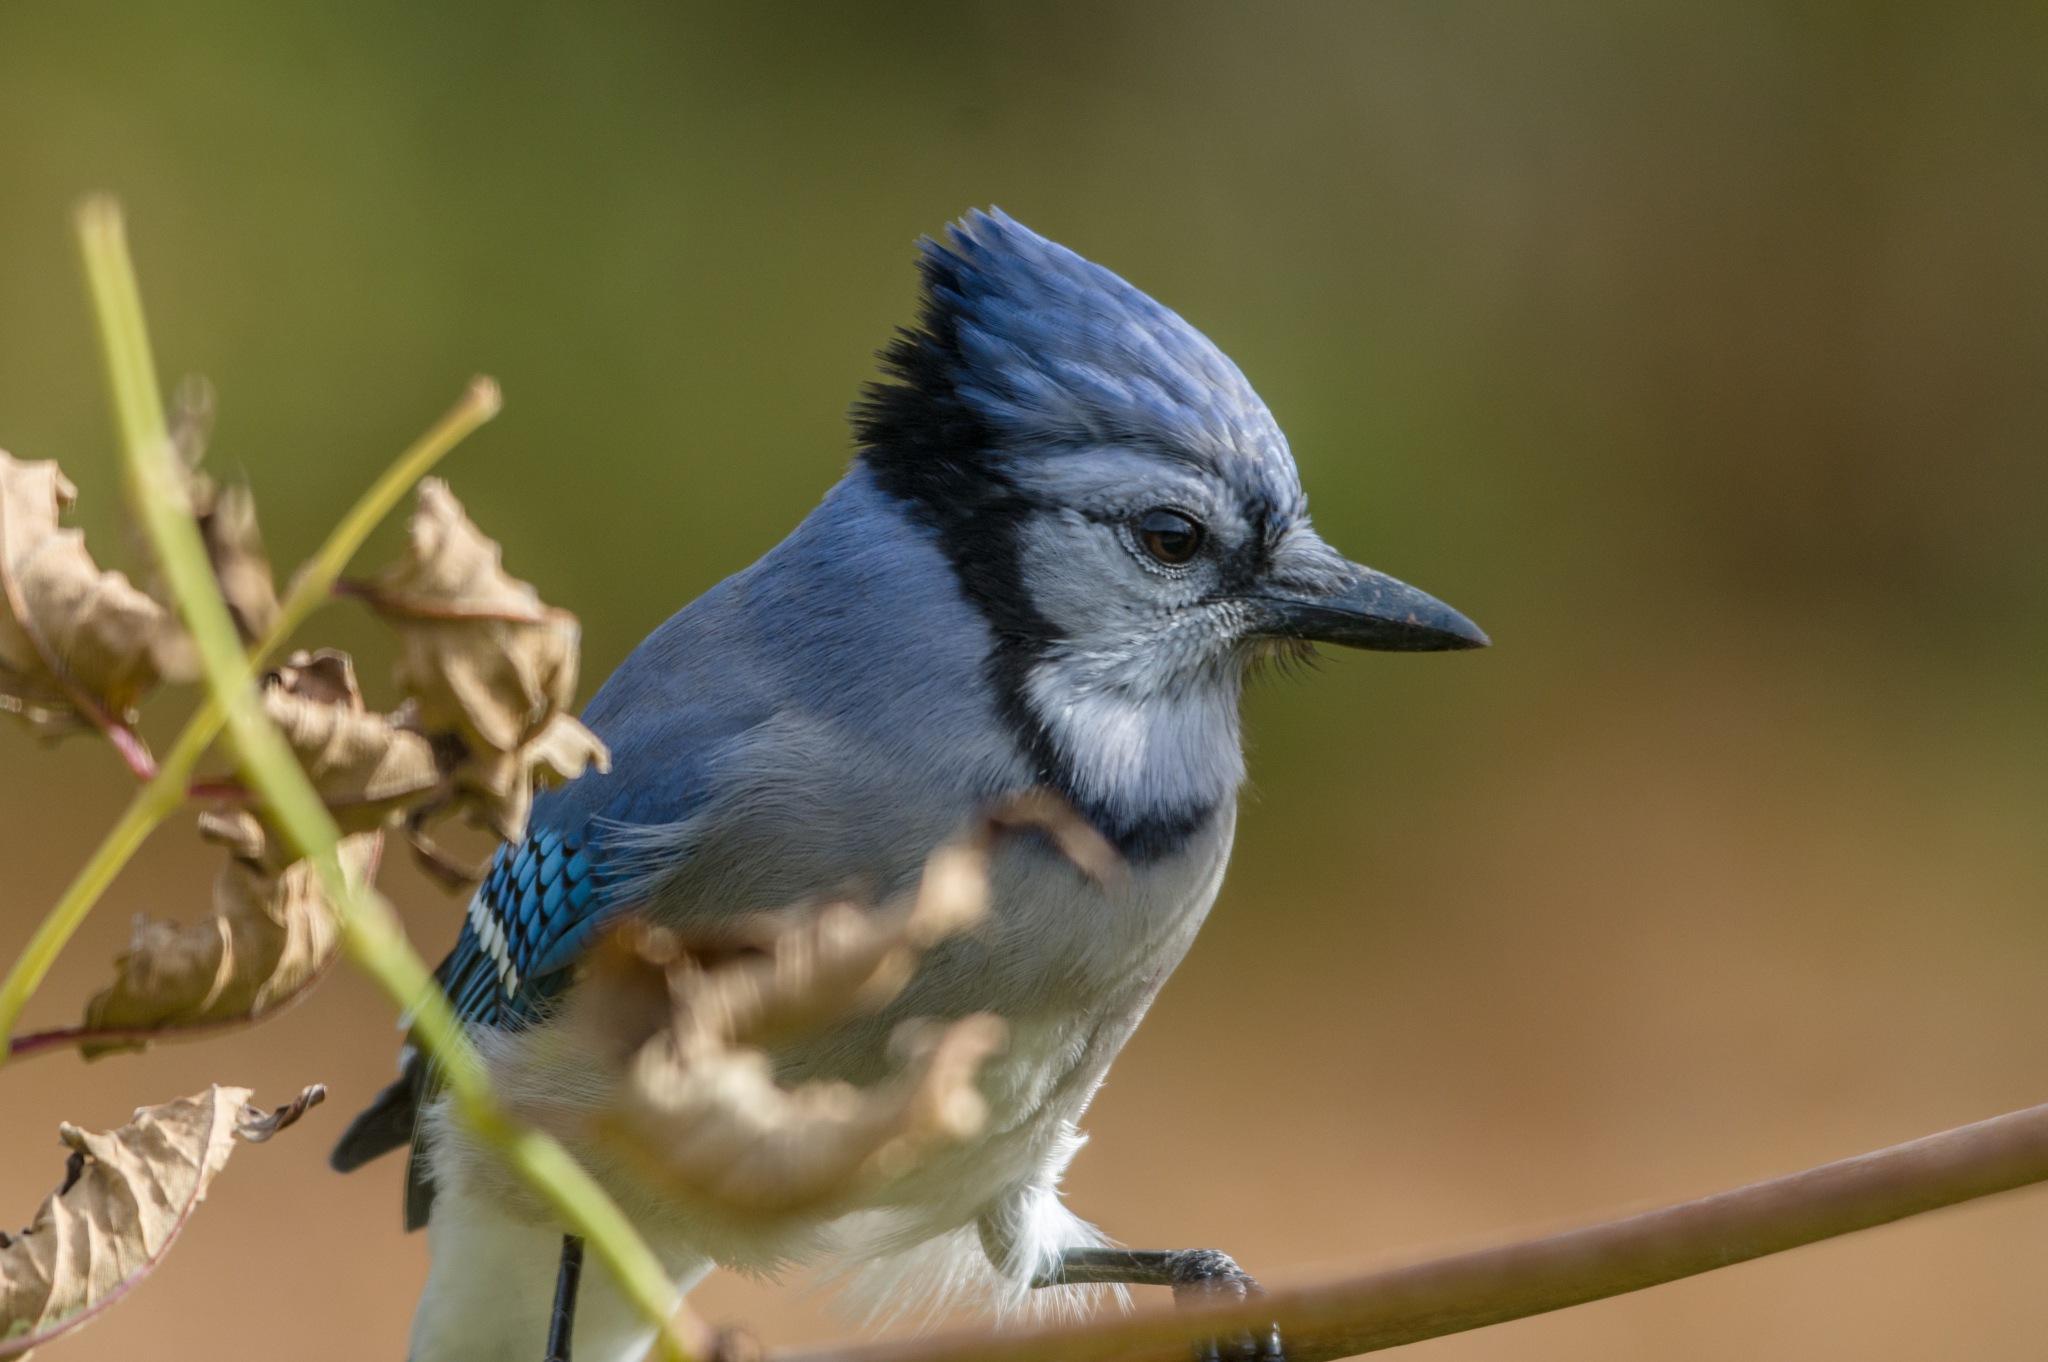 Blue Jay by boriscleto